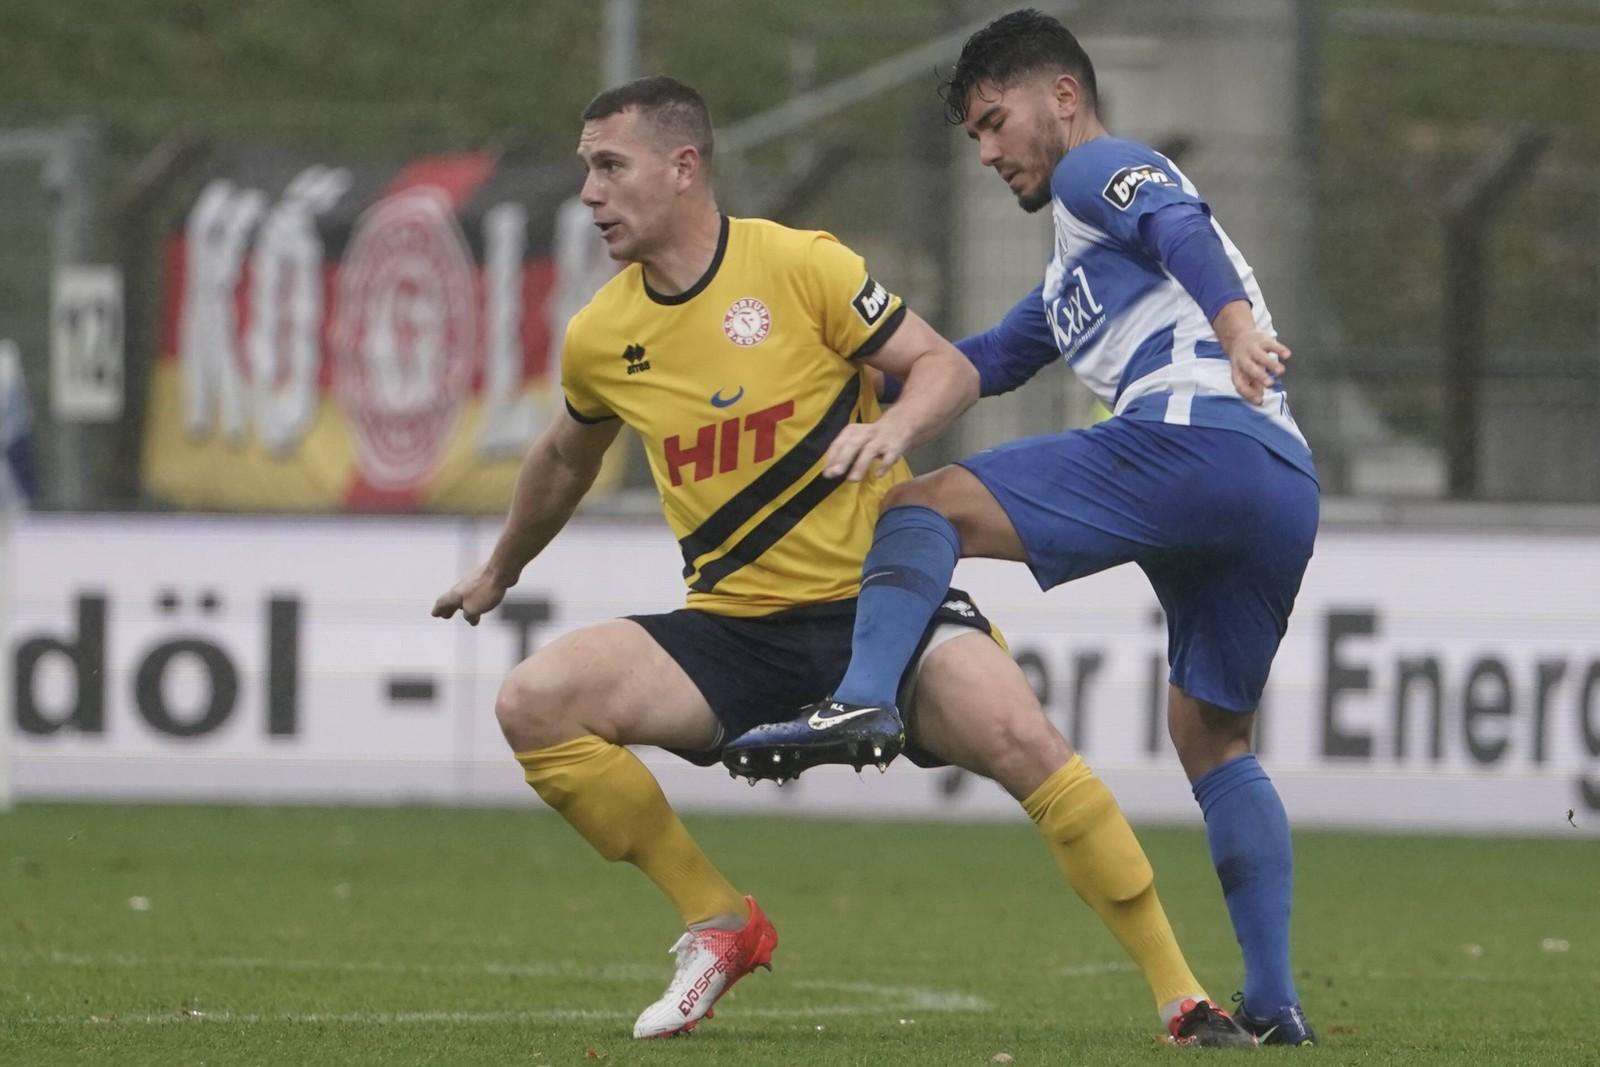 Thomas Bröker von Fortuna Köln gegen Hassan Amin vom SV Meppen